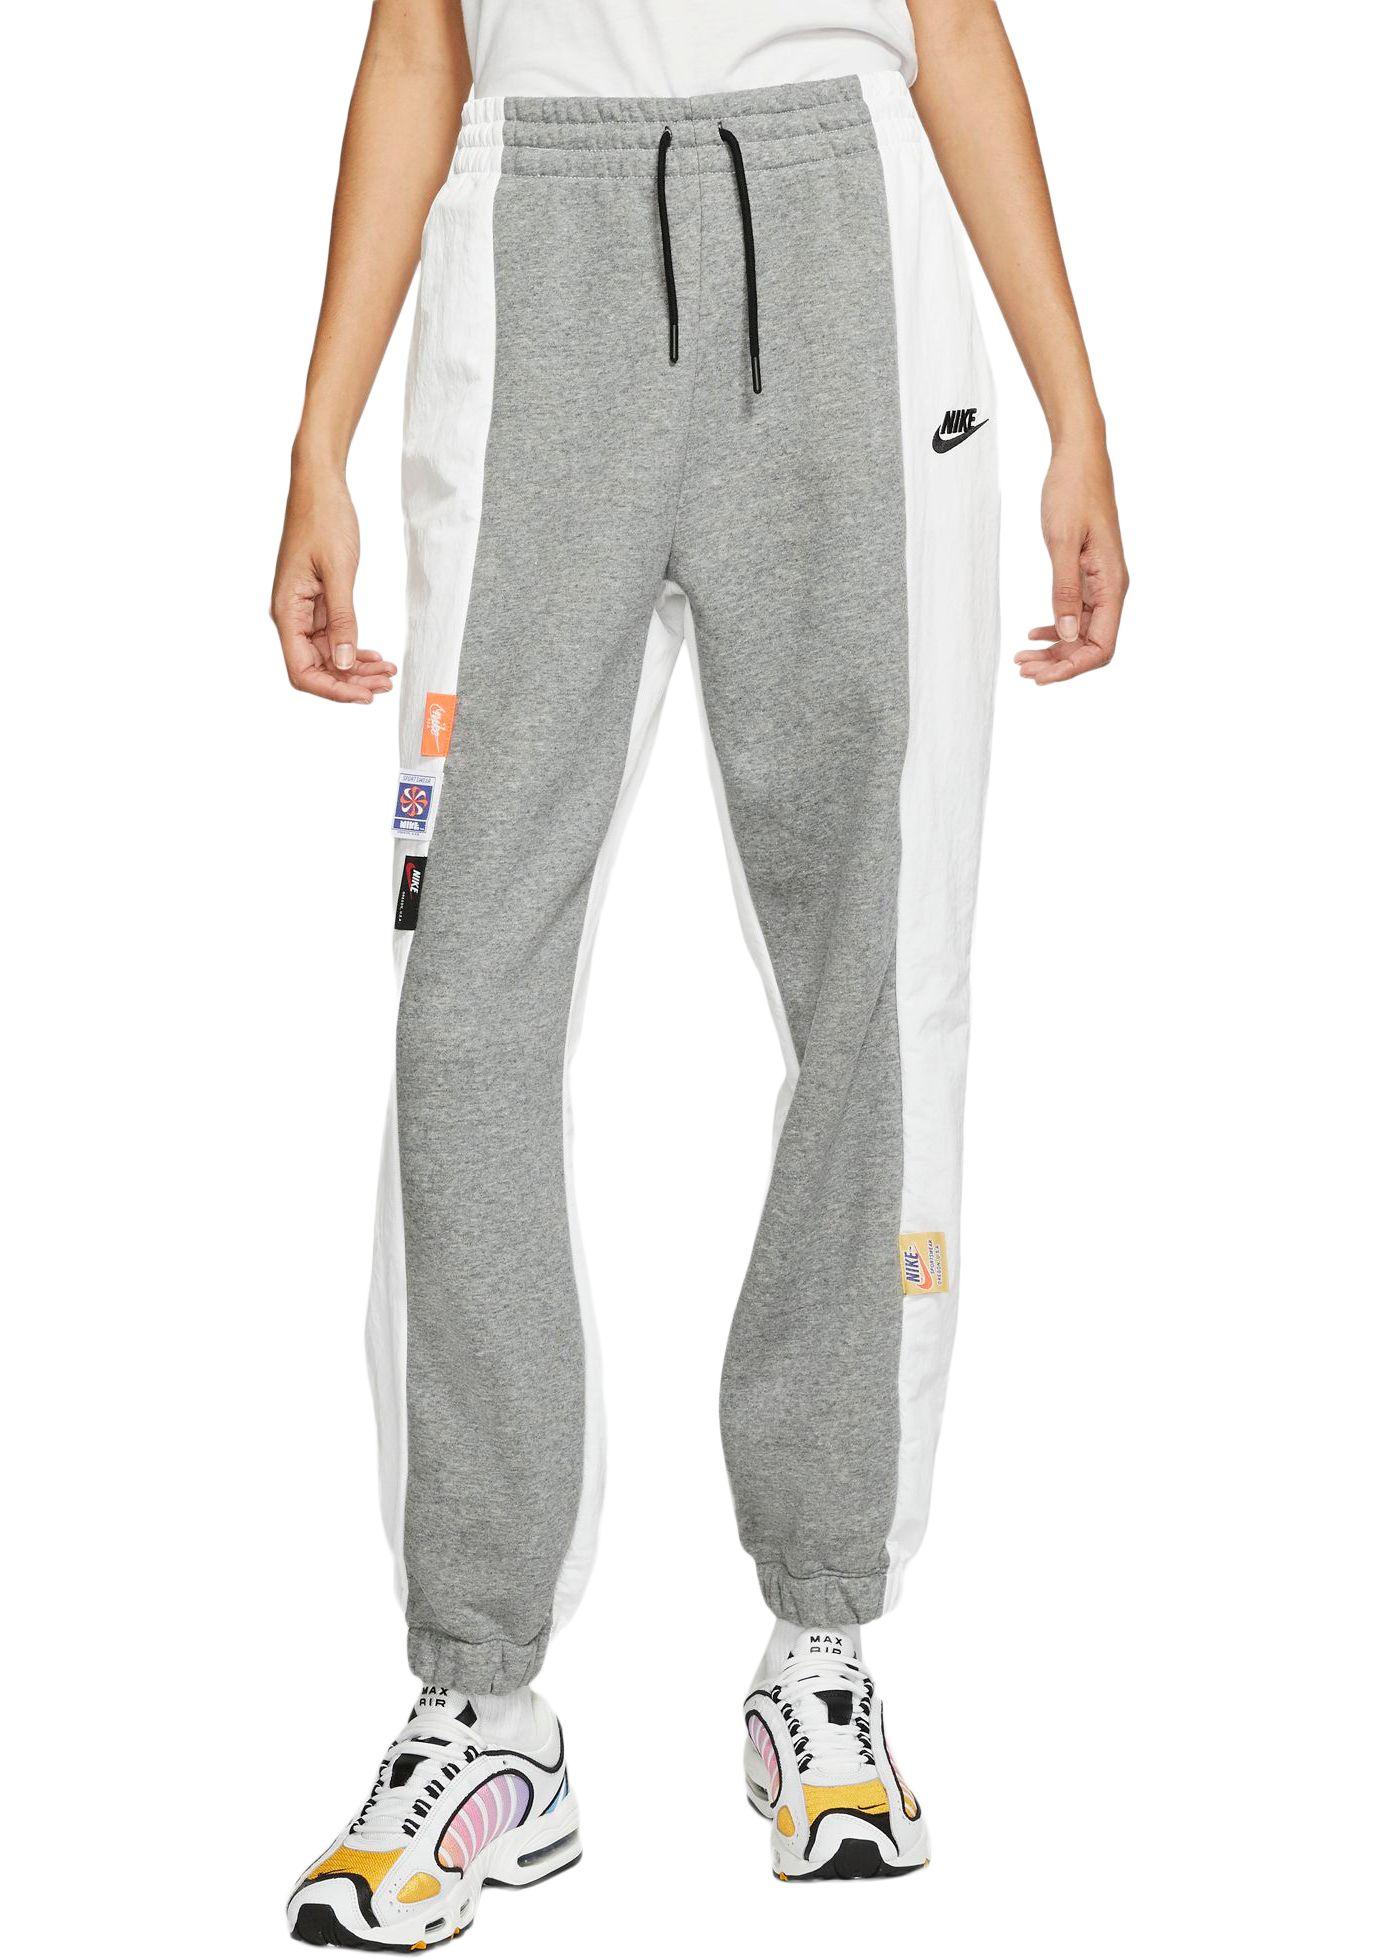 Nike Sportswear Women's Just Do It Media Pants